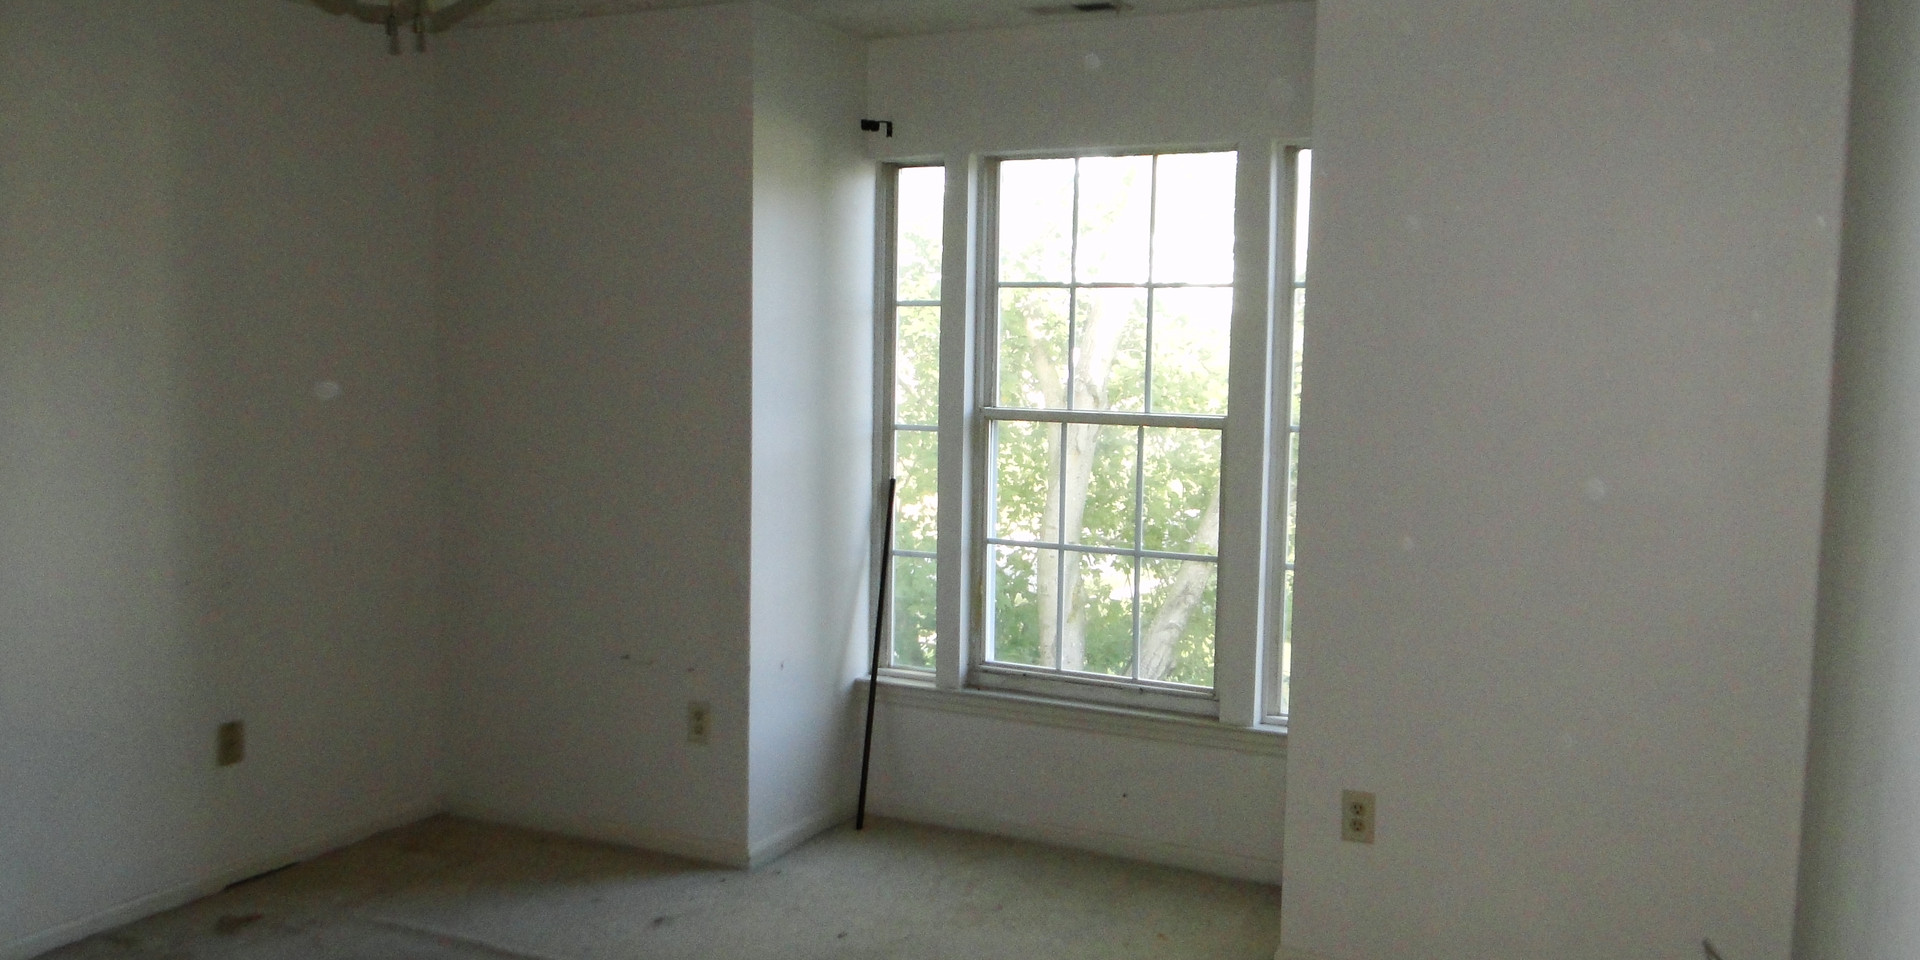 13 - Master Bedroom.JPG